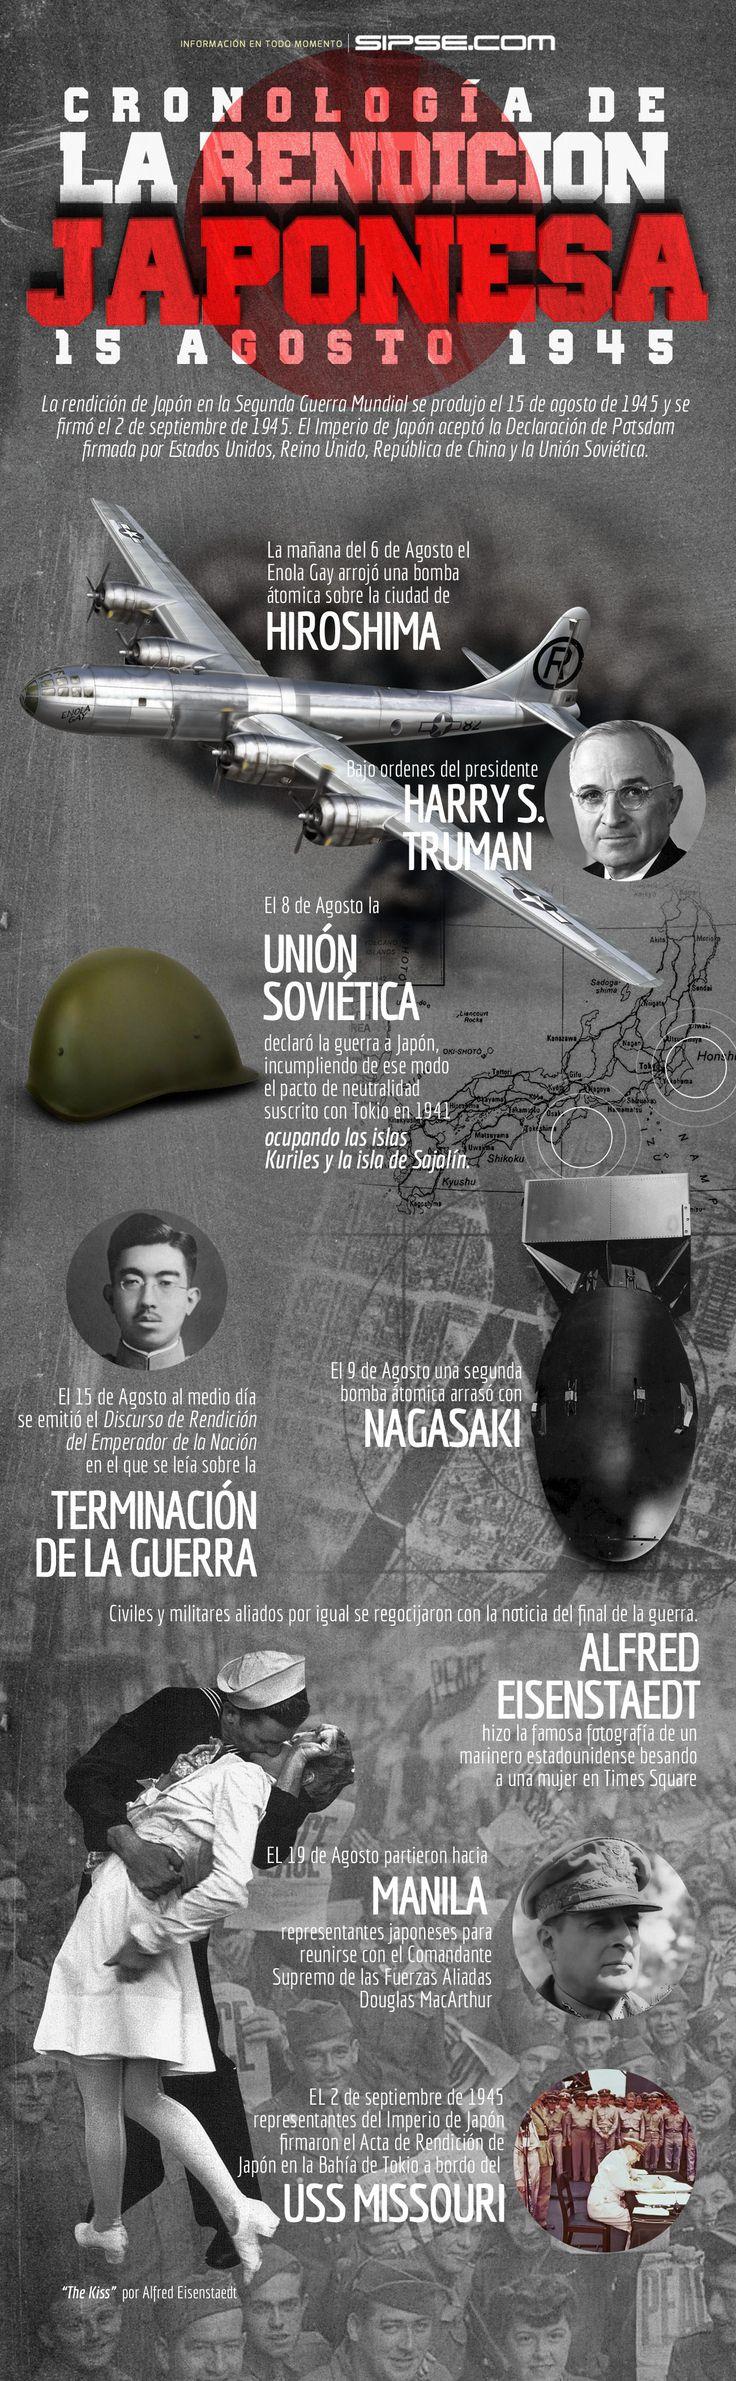 Rendición de Japón en la II Guerra Mundial  El 15 de agosto de 1945 Japón se rindió y puso así fin a la Segunda Guerra Mundial. La rendición se firmó el 2 de septiembre de 1945.